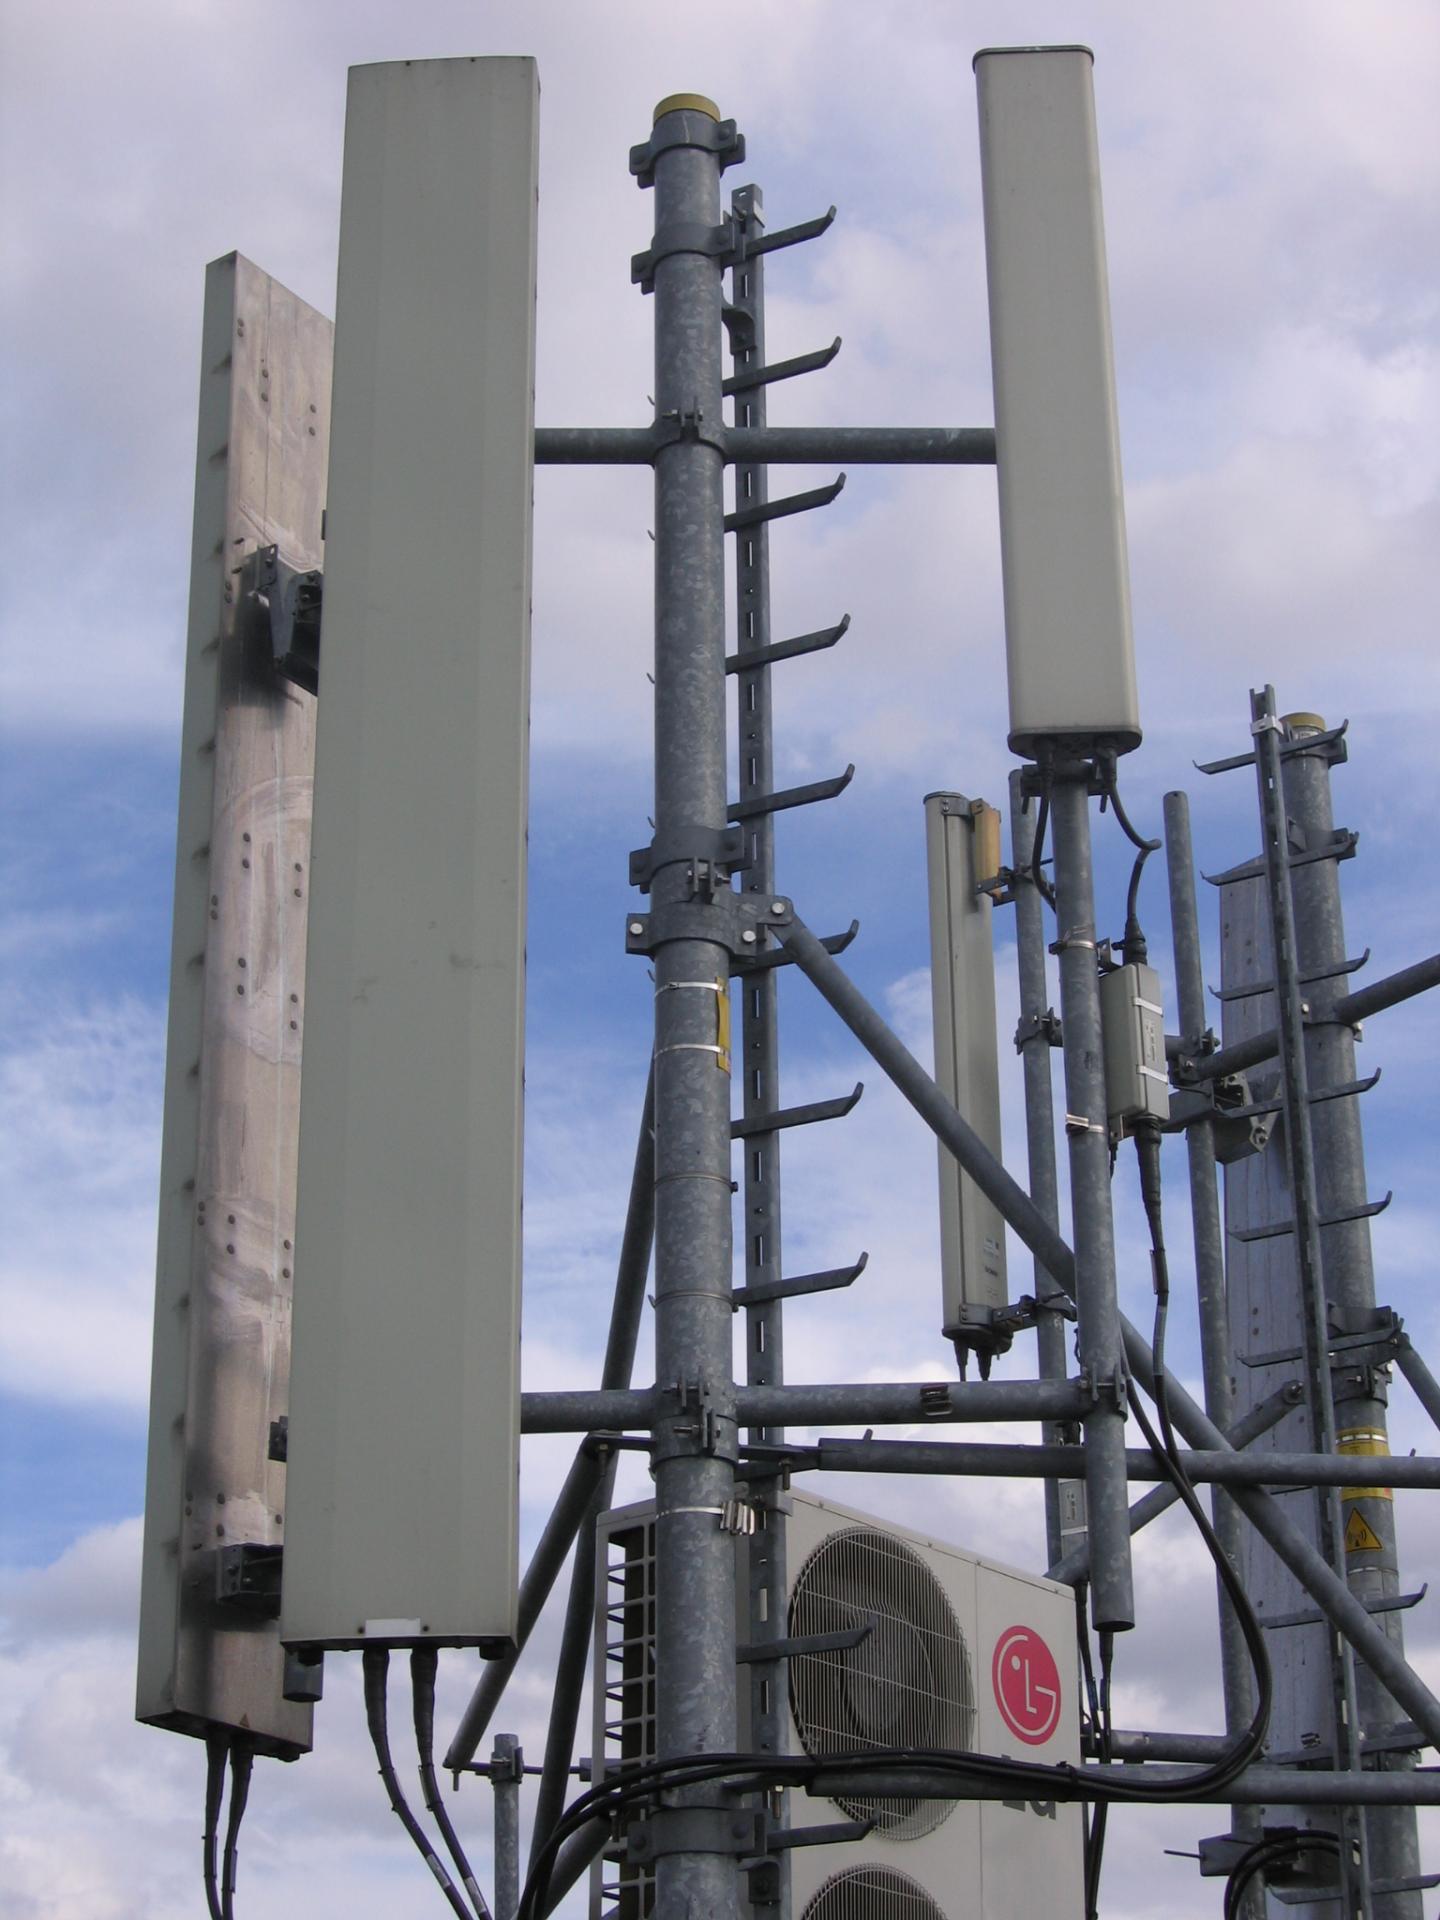 Gsm base station 2